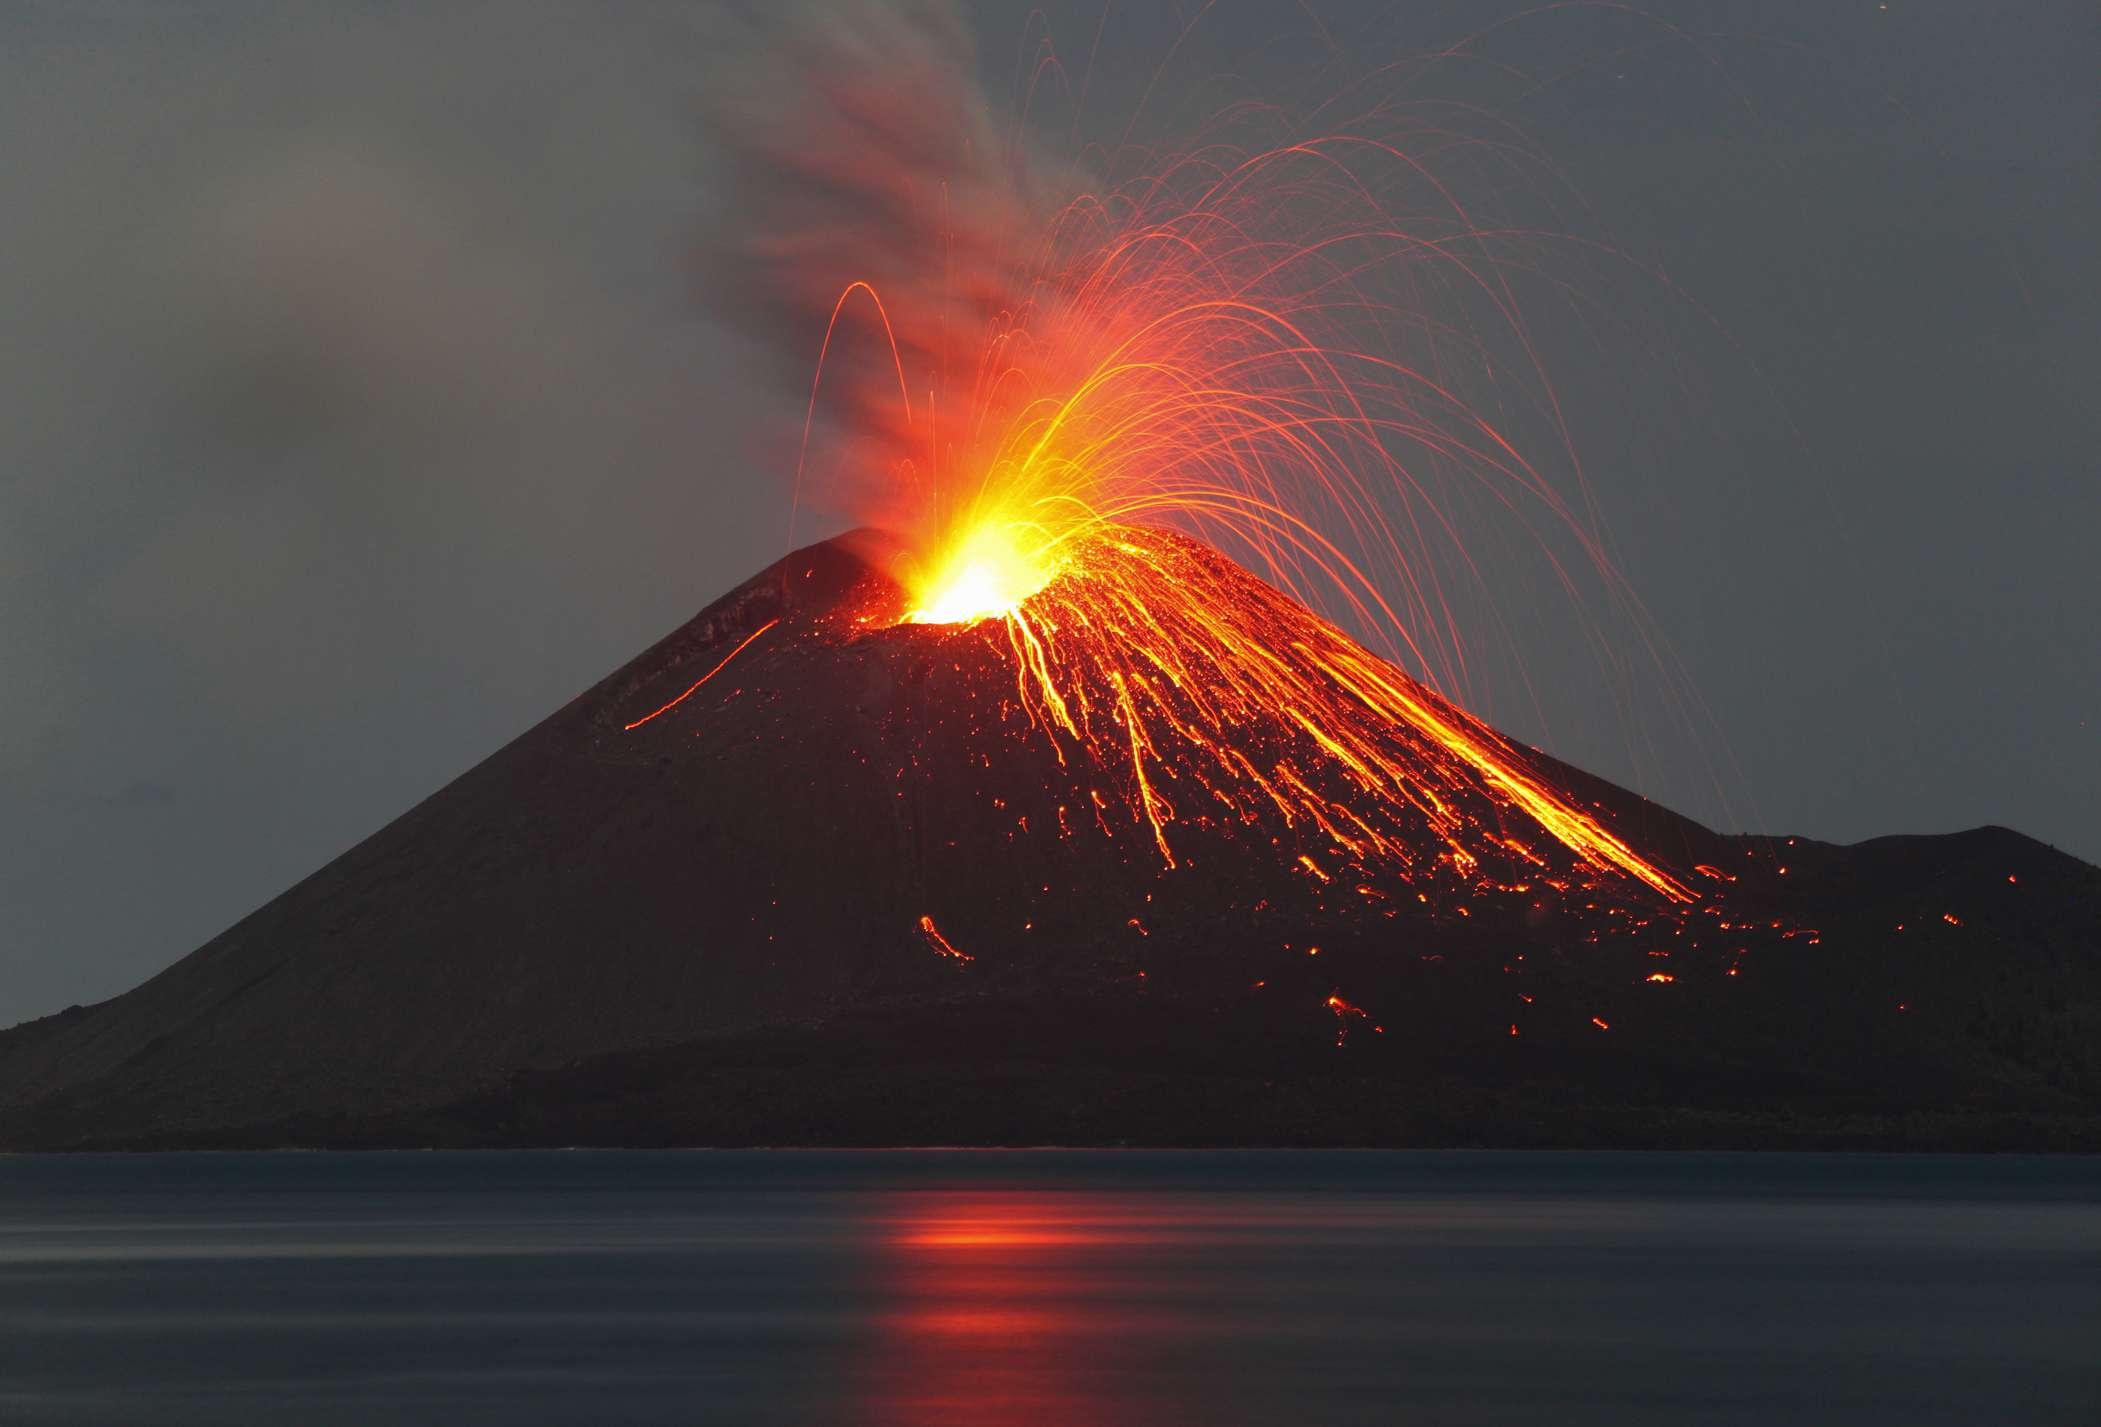 Krakatau volcano erupting